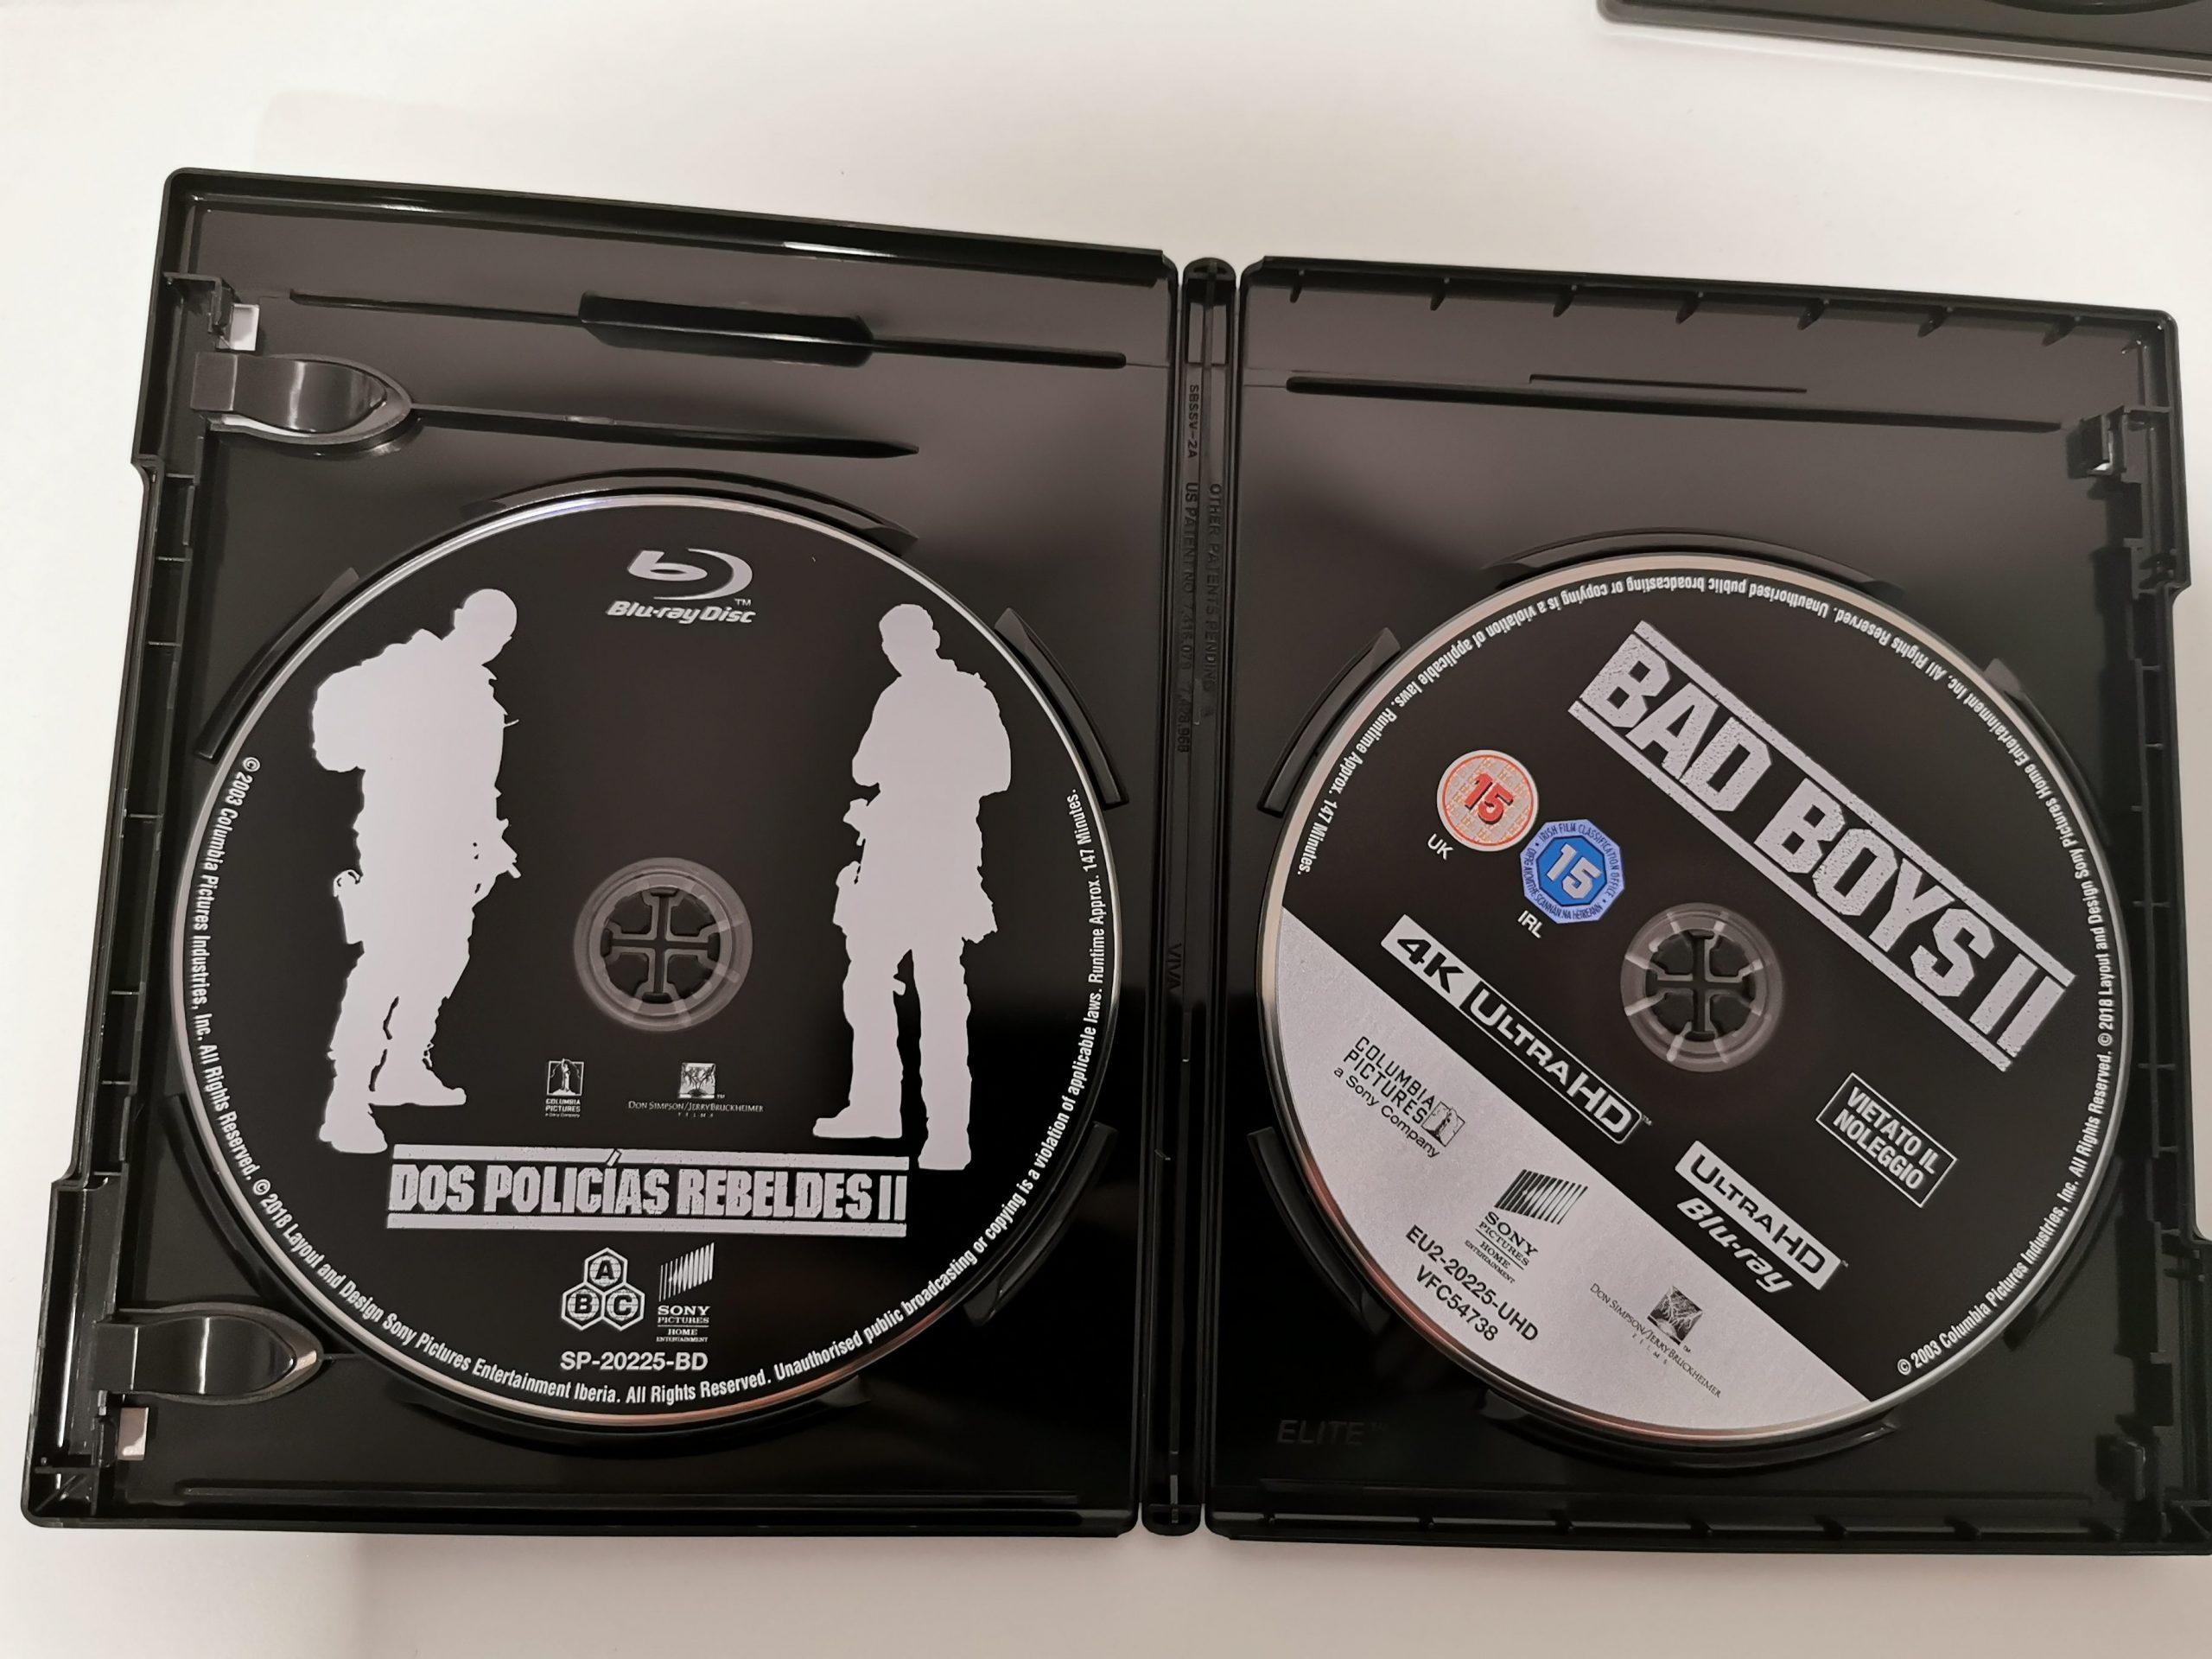 Dos policías rebeldes discos